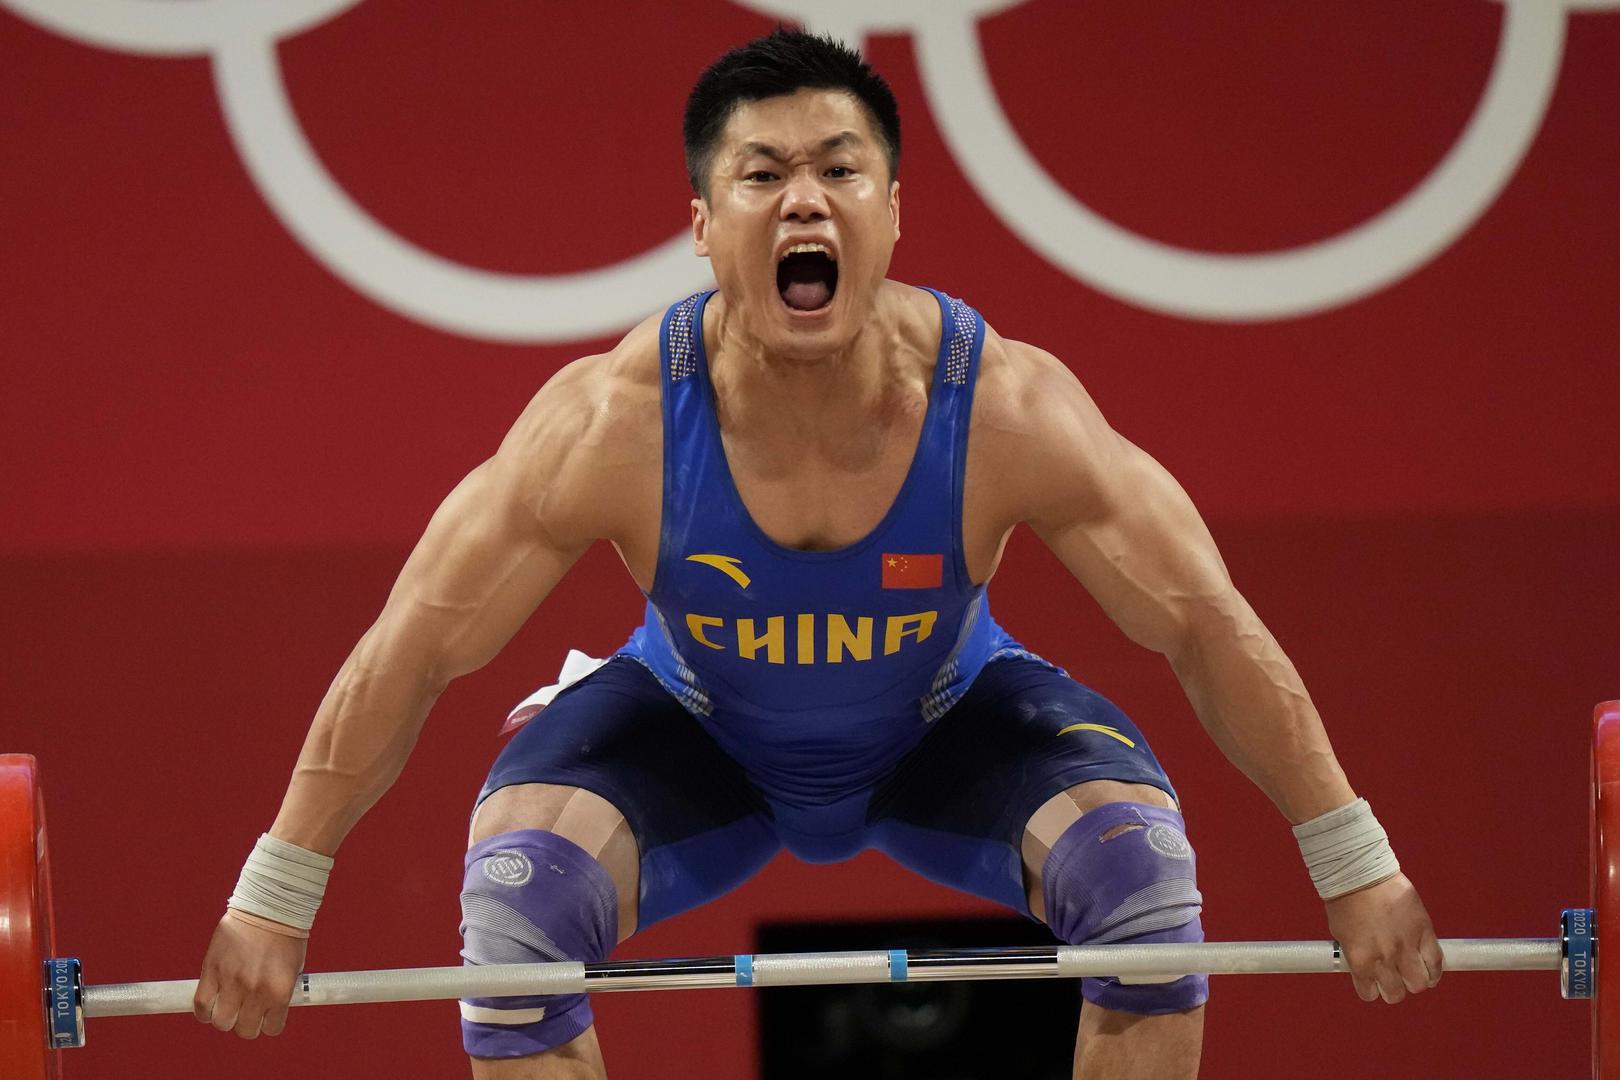 吕小军在东京奥运会举重男子81公斤级比赛中。图据IC photo